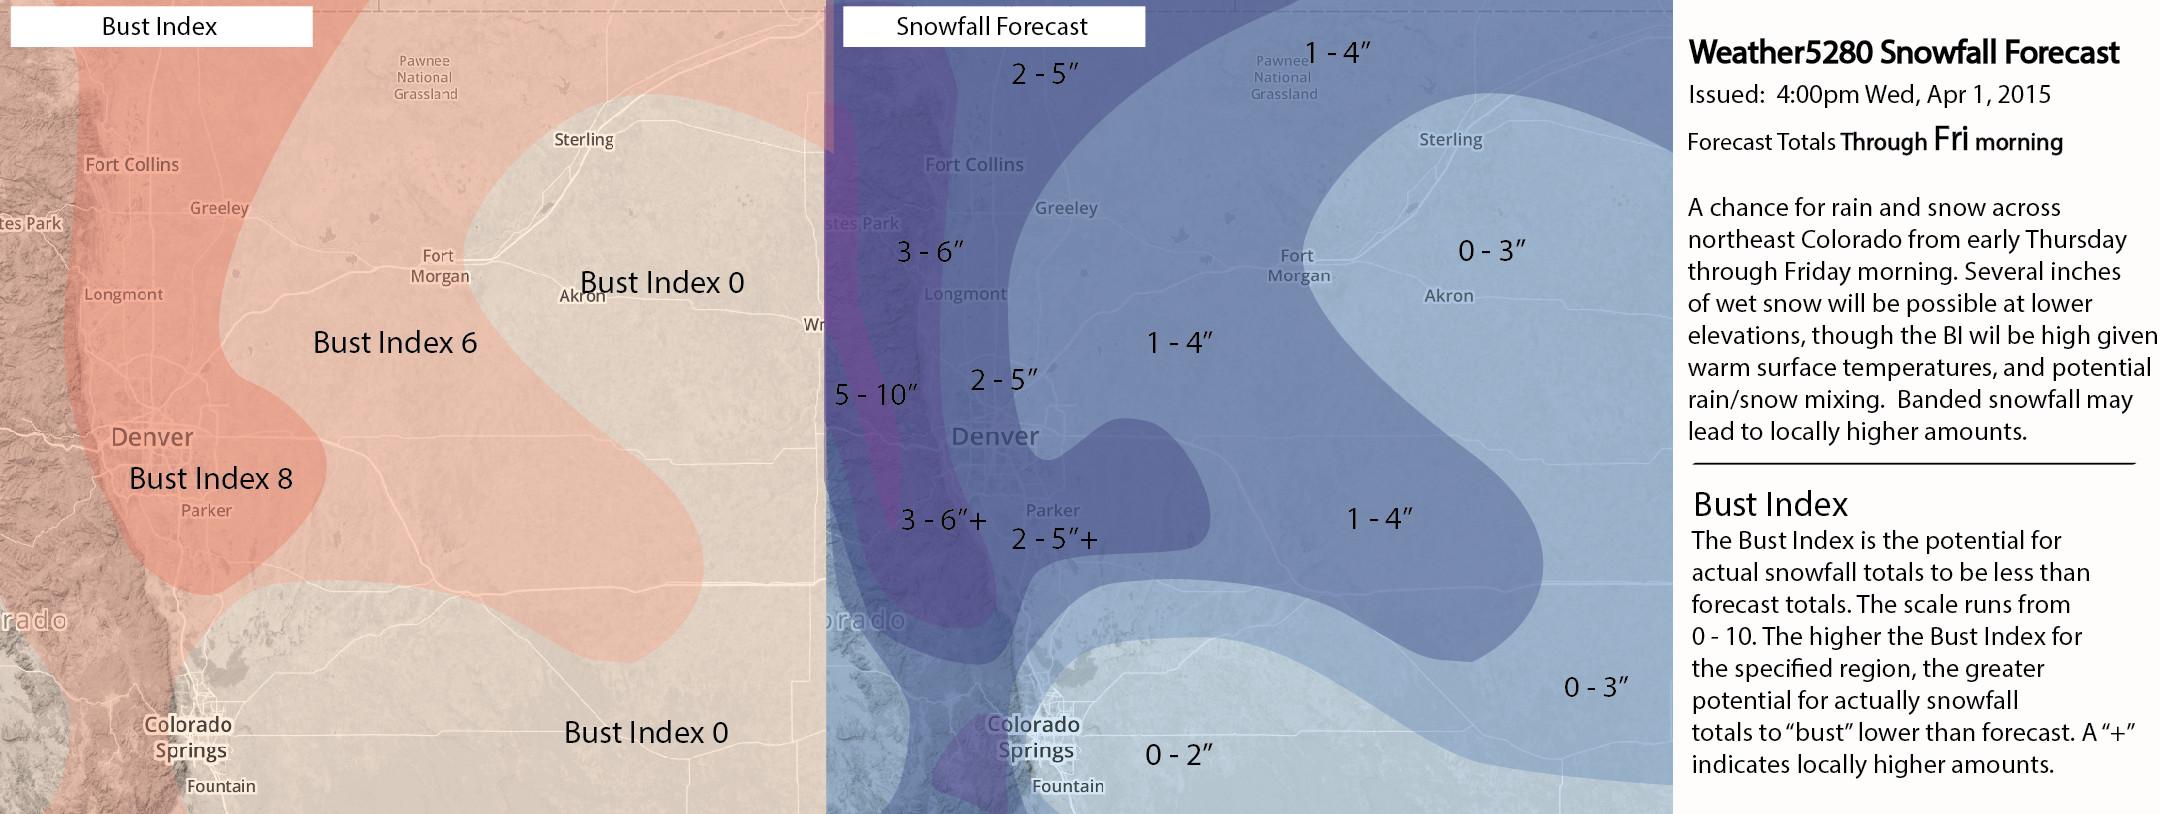 Weather5280 Denver, Colorado Snowfall Forecast